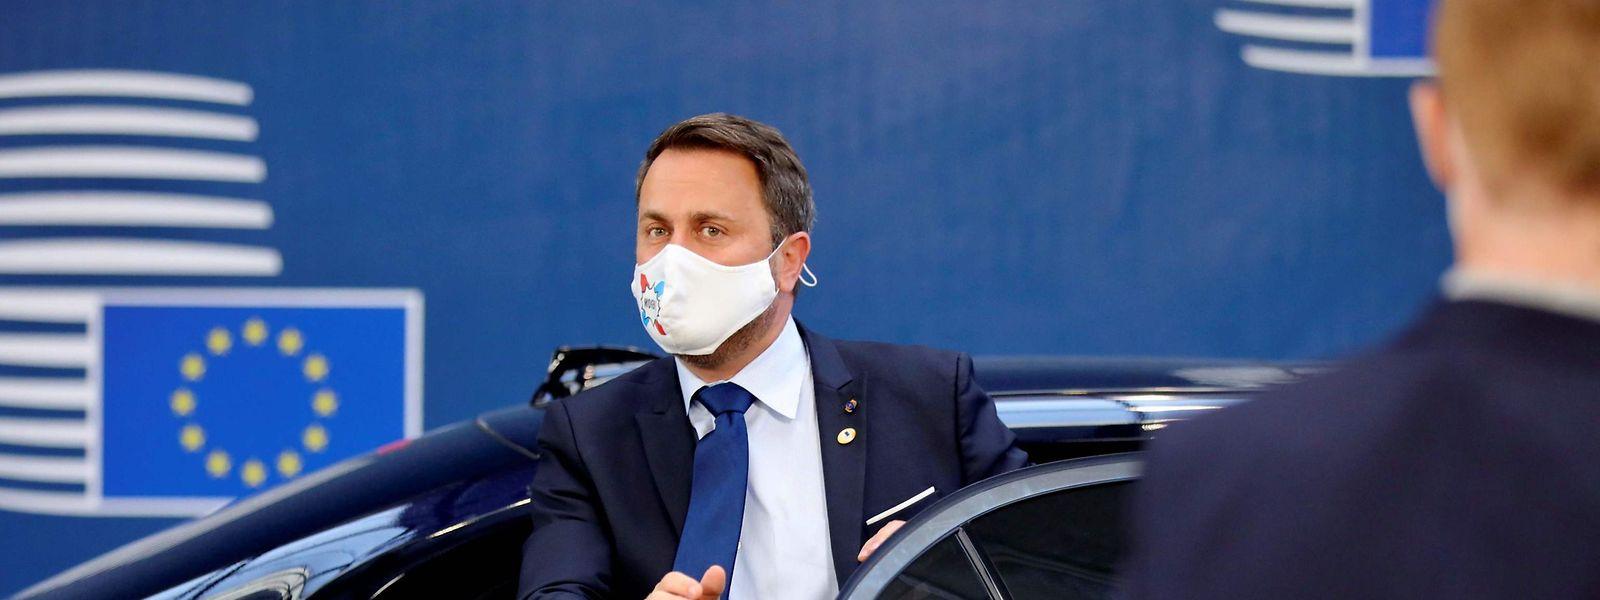 Premier Xavier Bettel auf dem Gipfel in Brüssel.